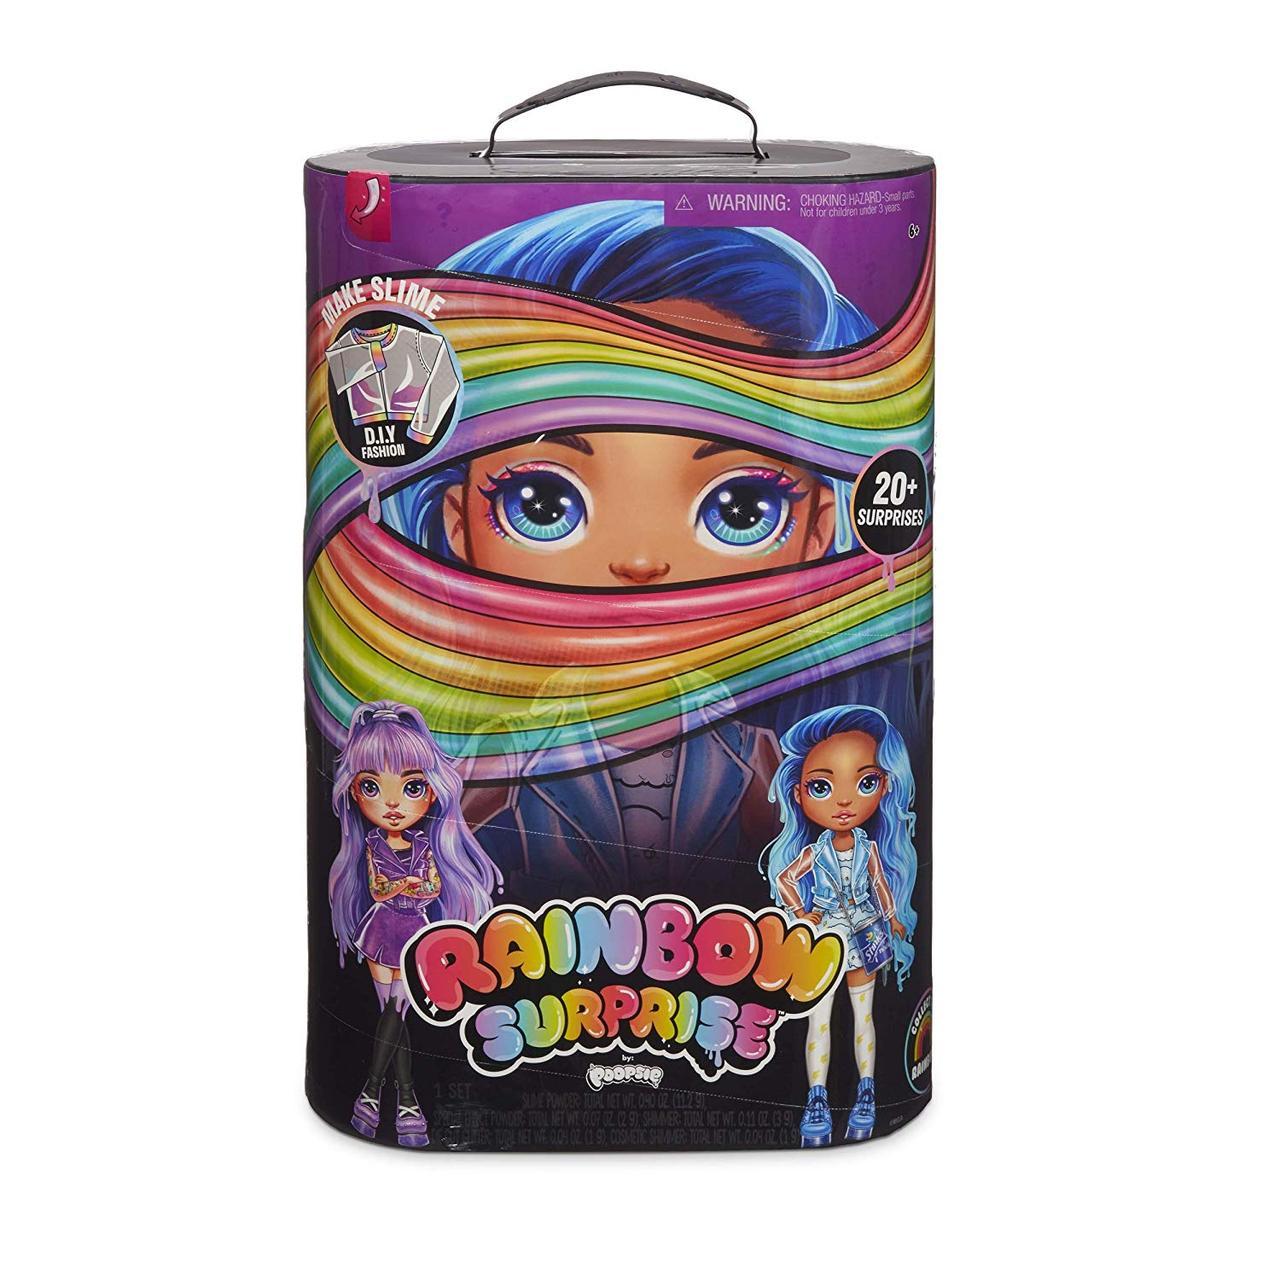 Игровой набор-сюрприз Poopsie (Пупси) Poopsie Rainbow Girls Пупси слайм Фиолетовая или Голубая Леди